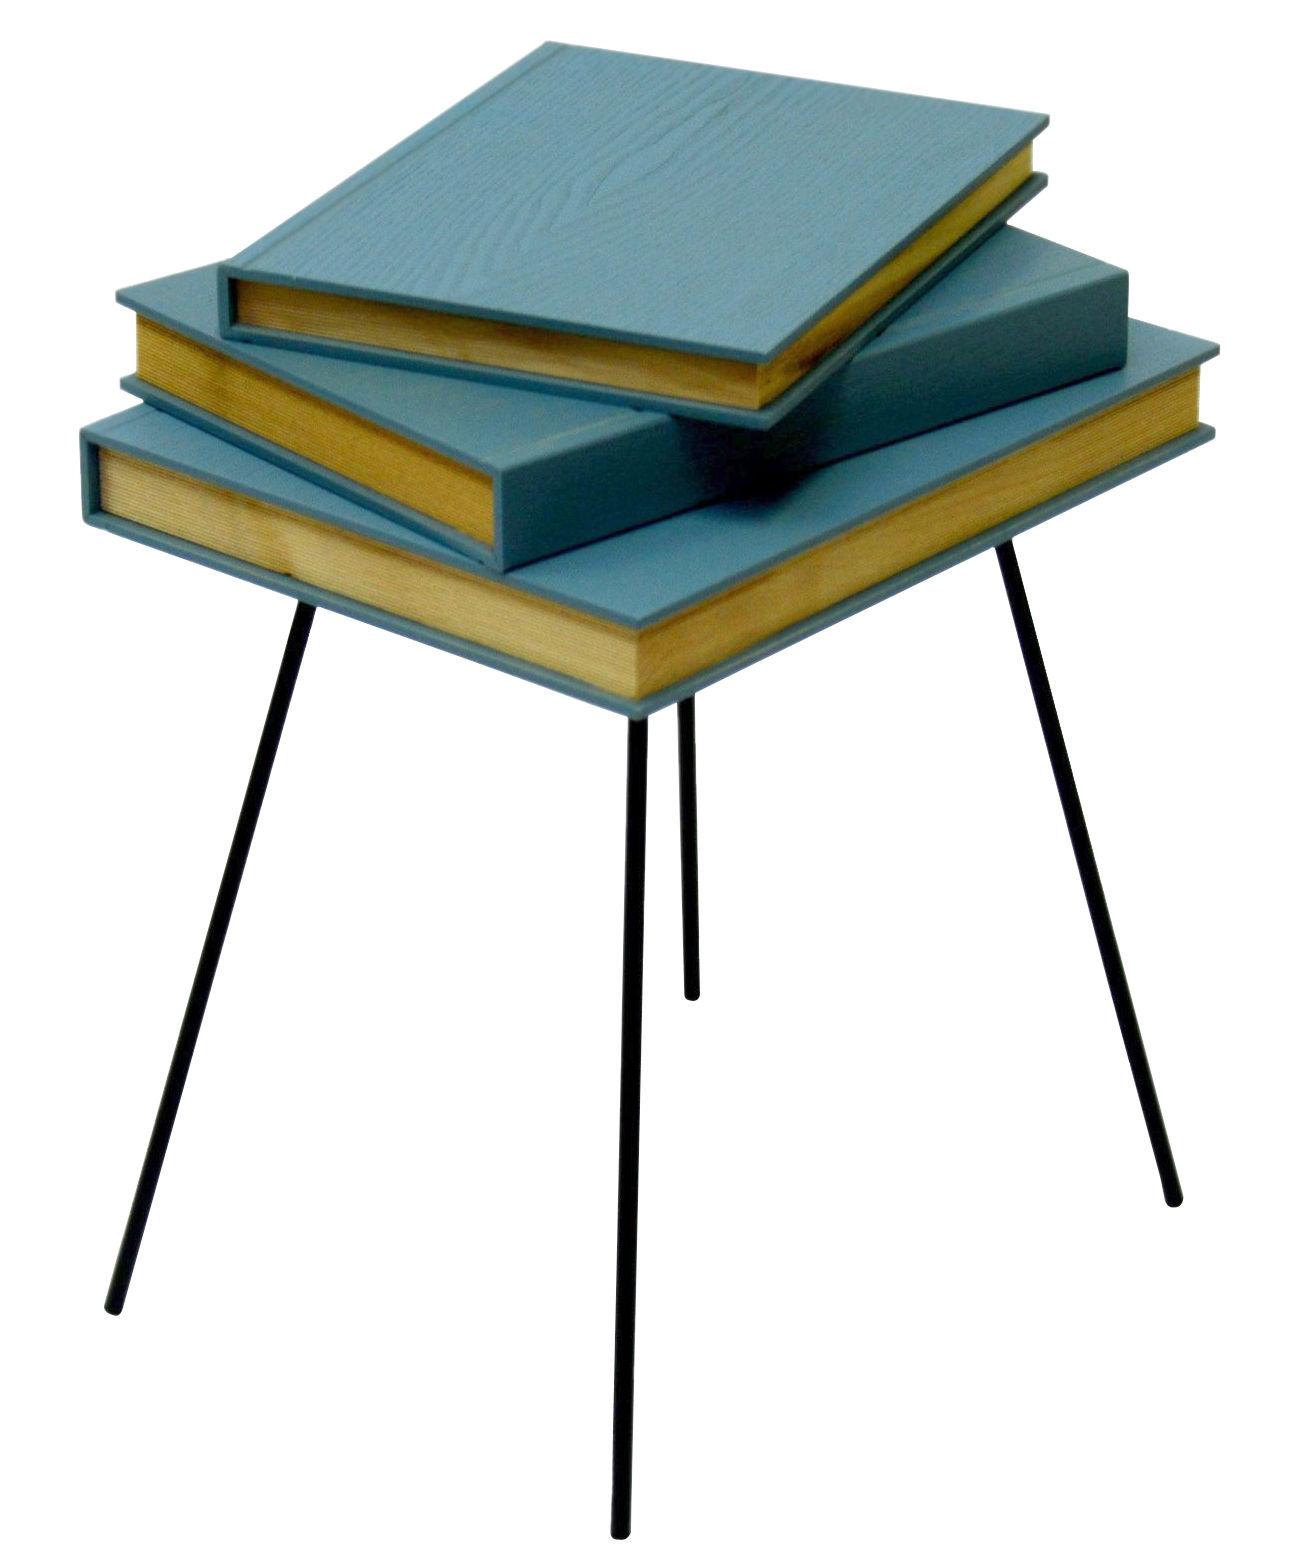 Mobilier - Tables basses - Table d'appoint Fairy tales / 36 x 31 x H 46 cm - Valsecchi 1918 - Bleu ciel - Contreplaqué de bouleau, Métal laqué